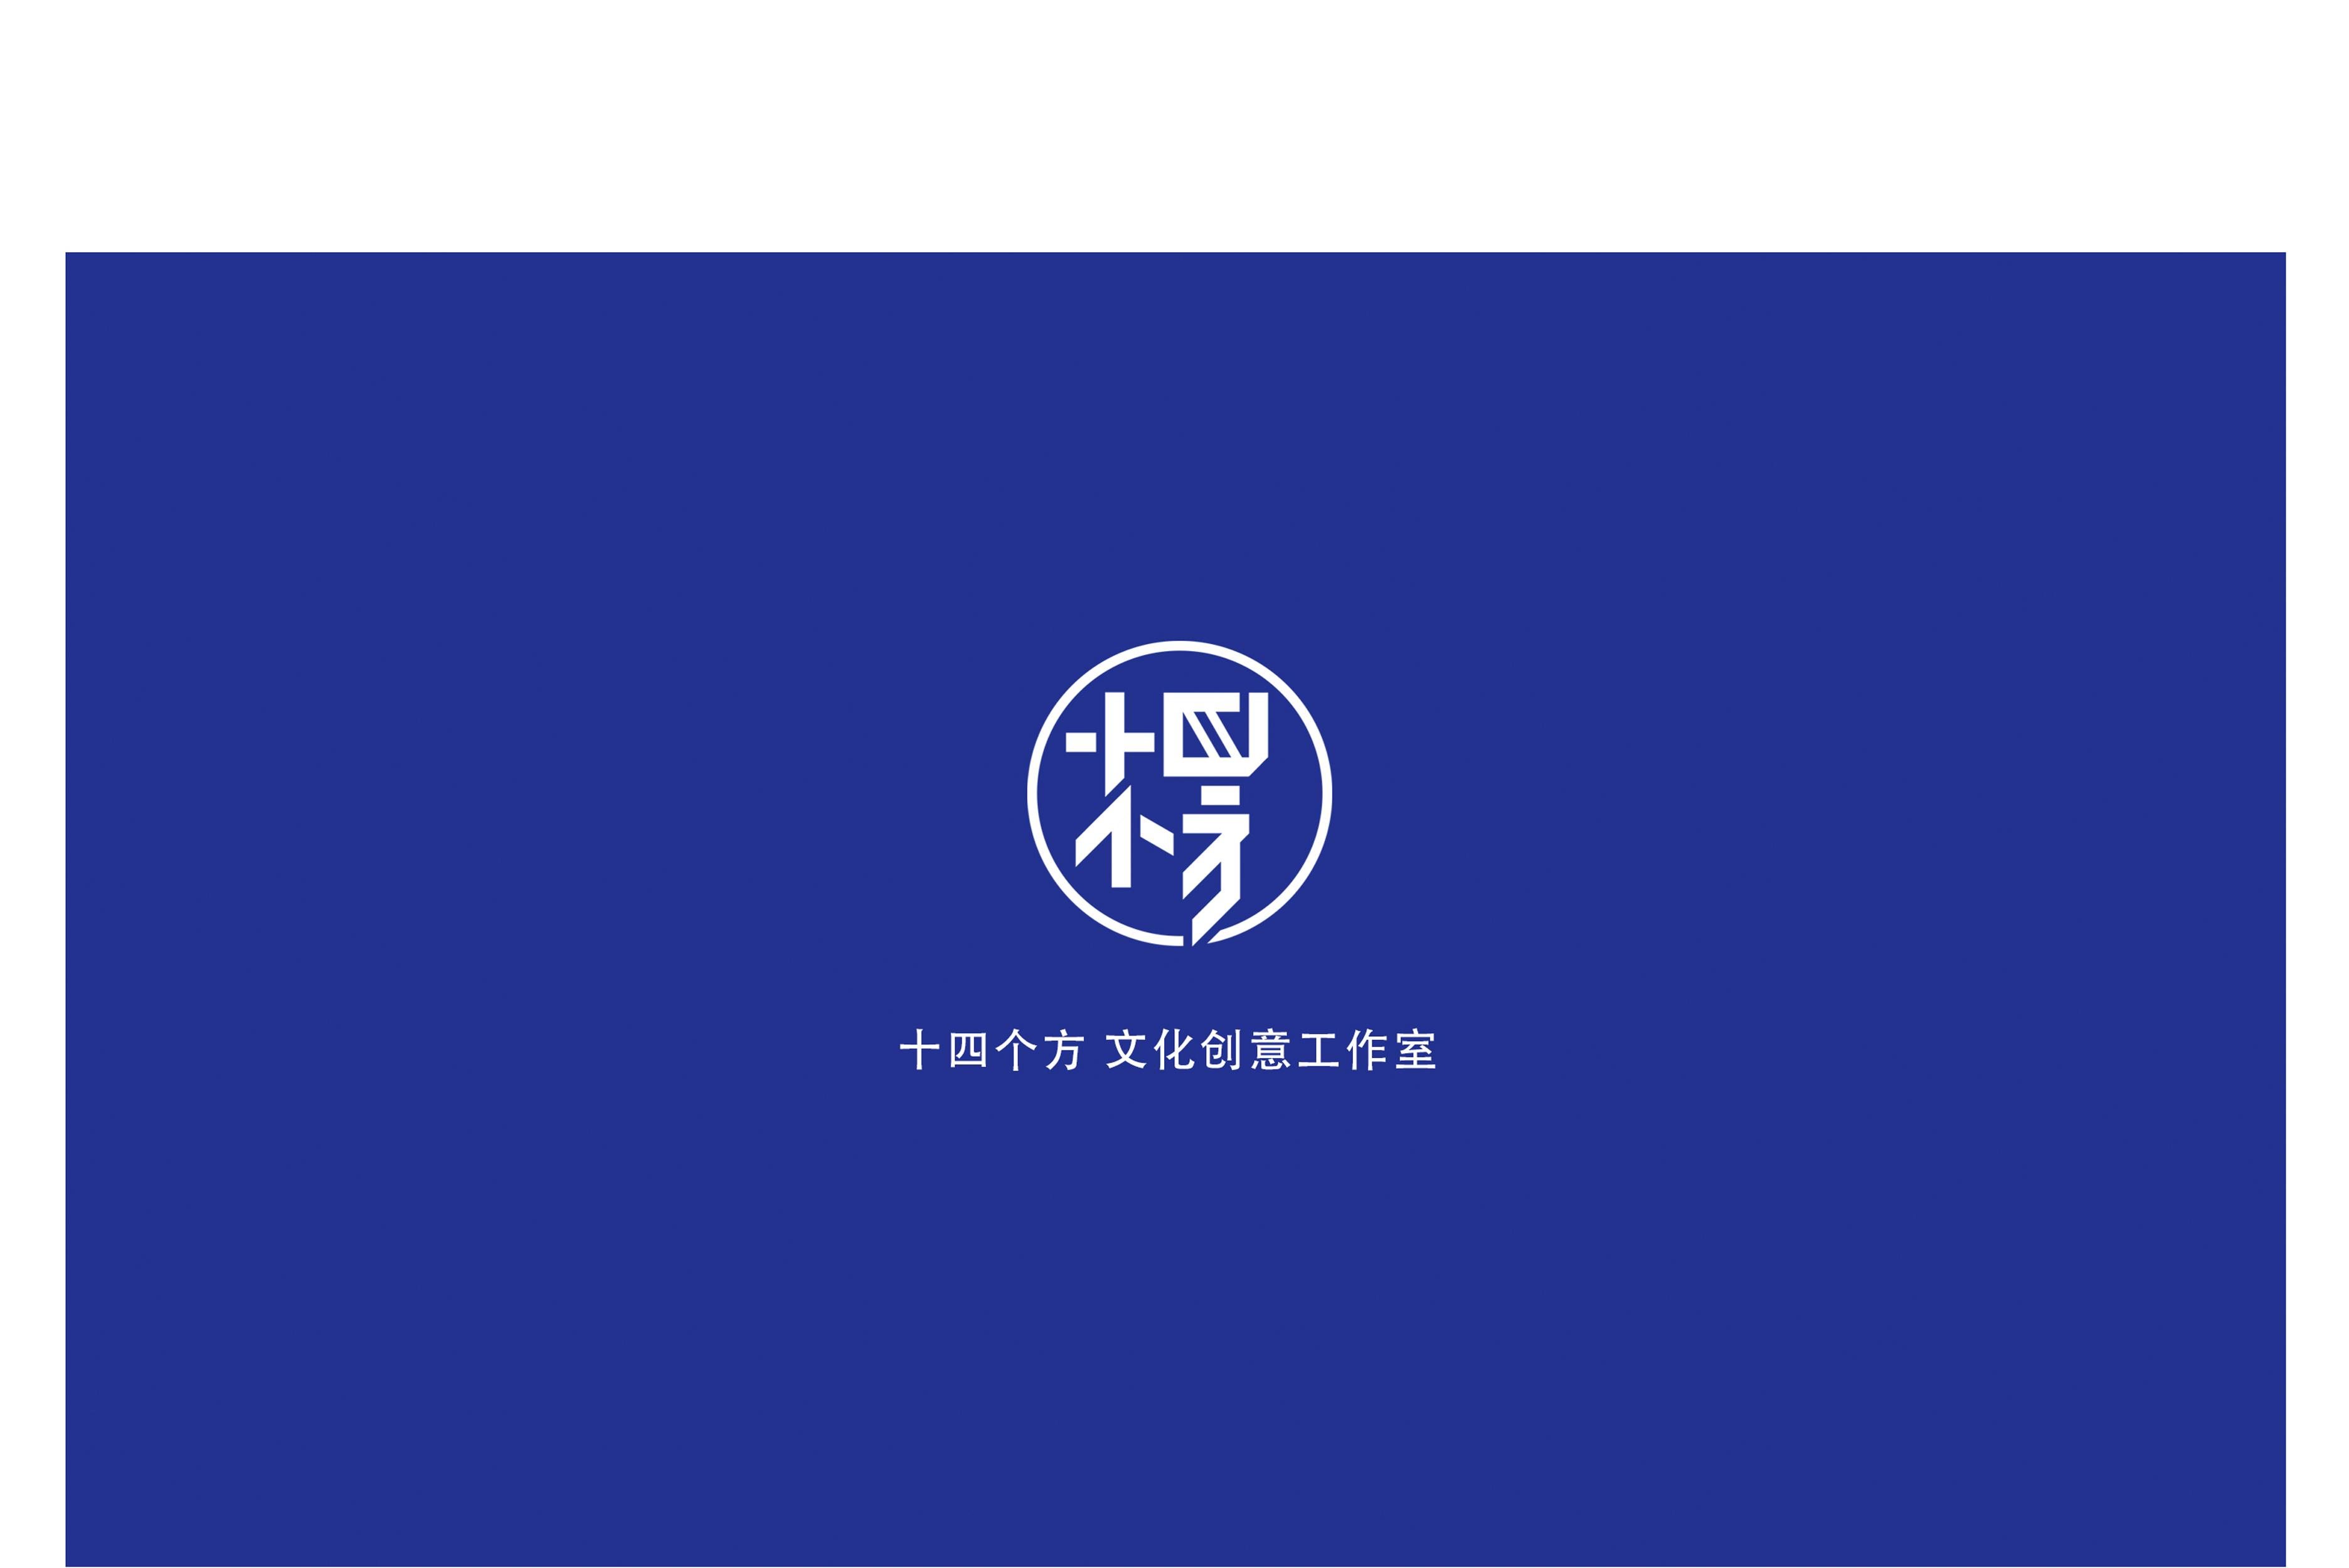 文创工作室的logo创意设计图片